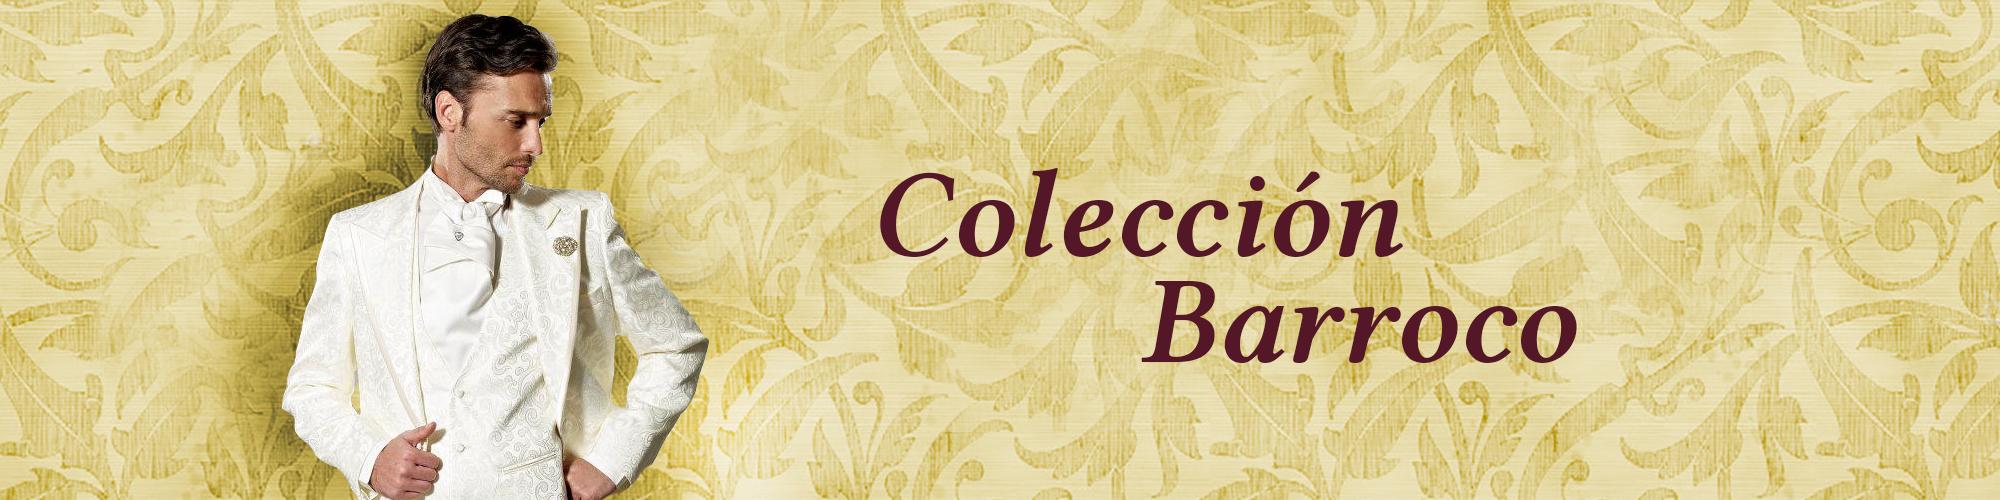 coleccion-barroco